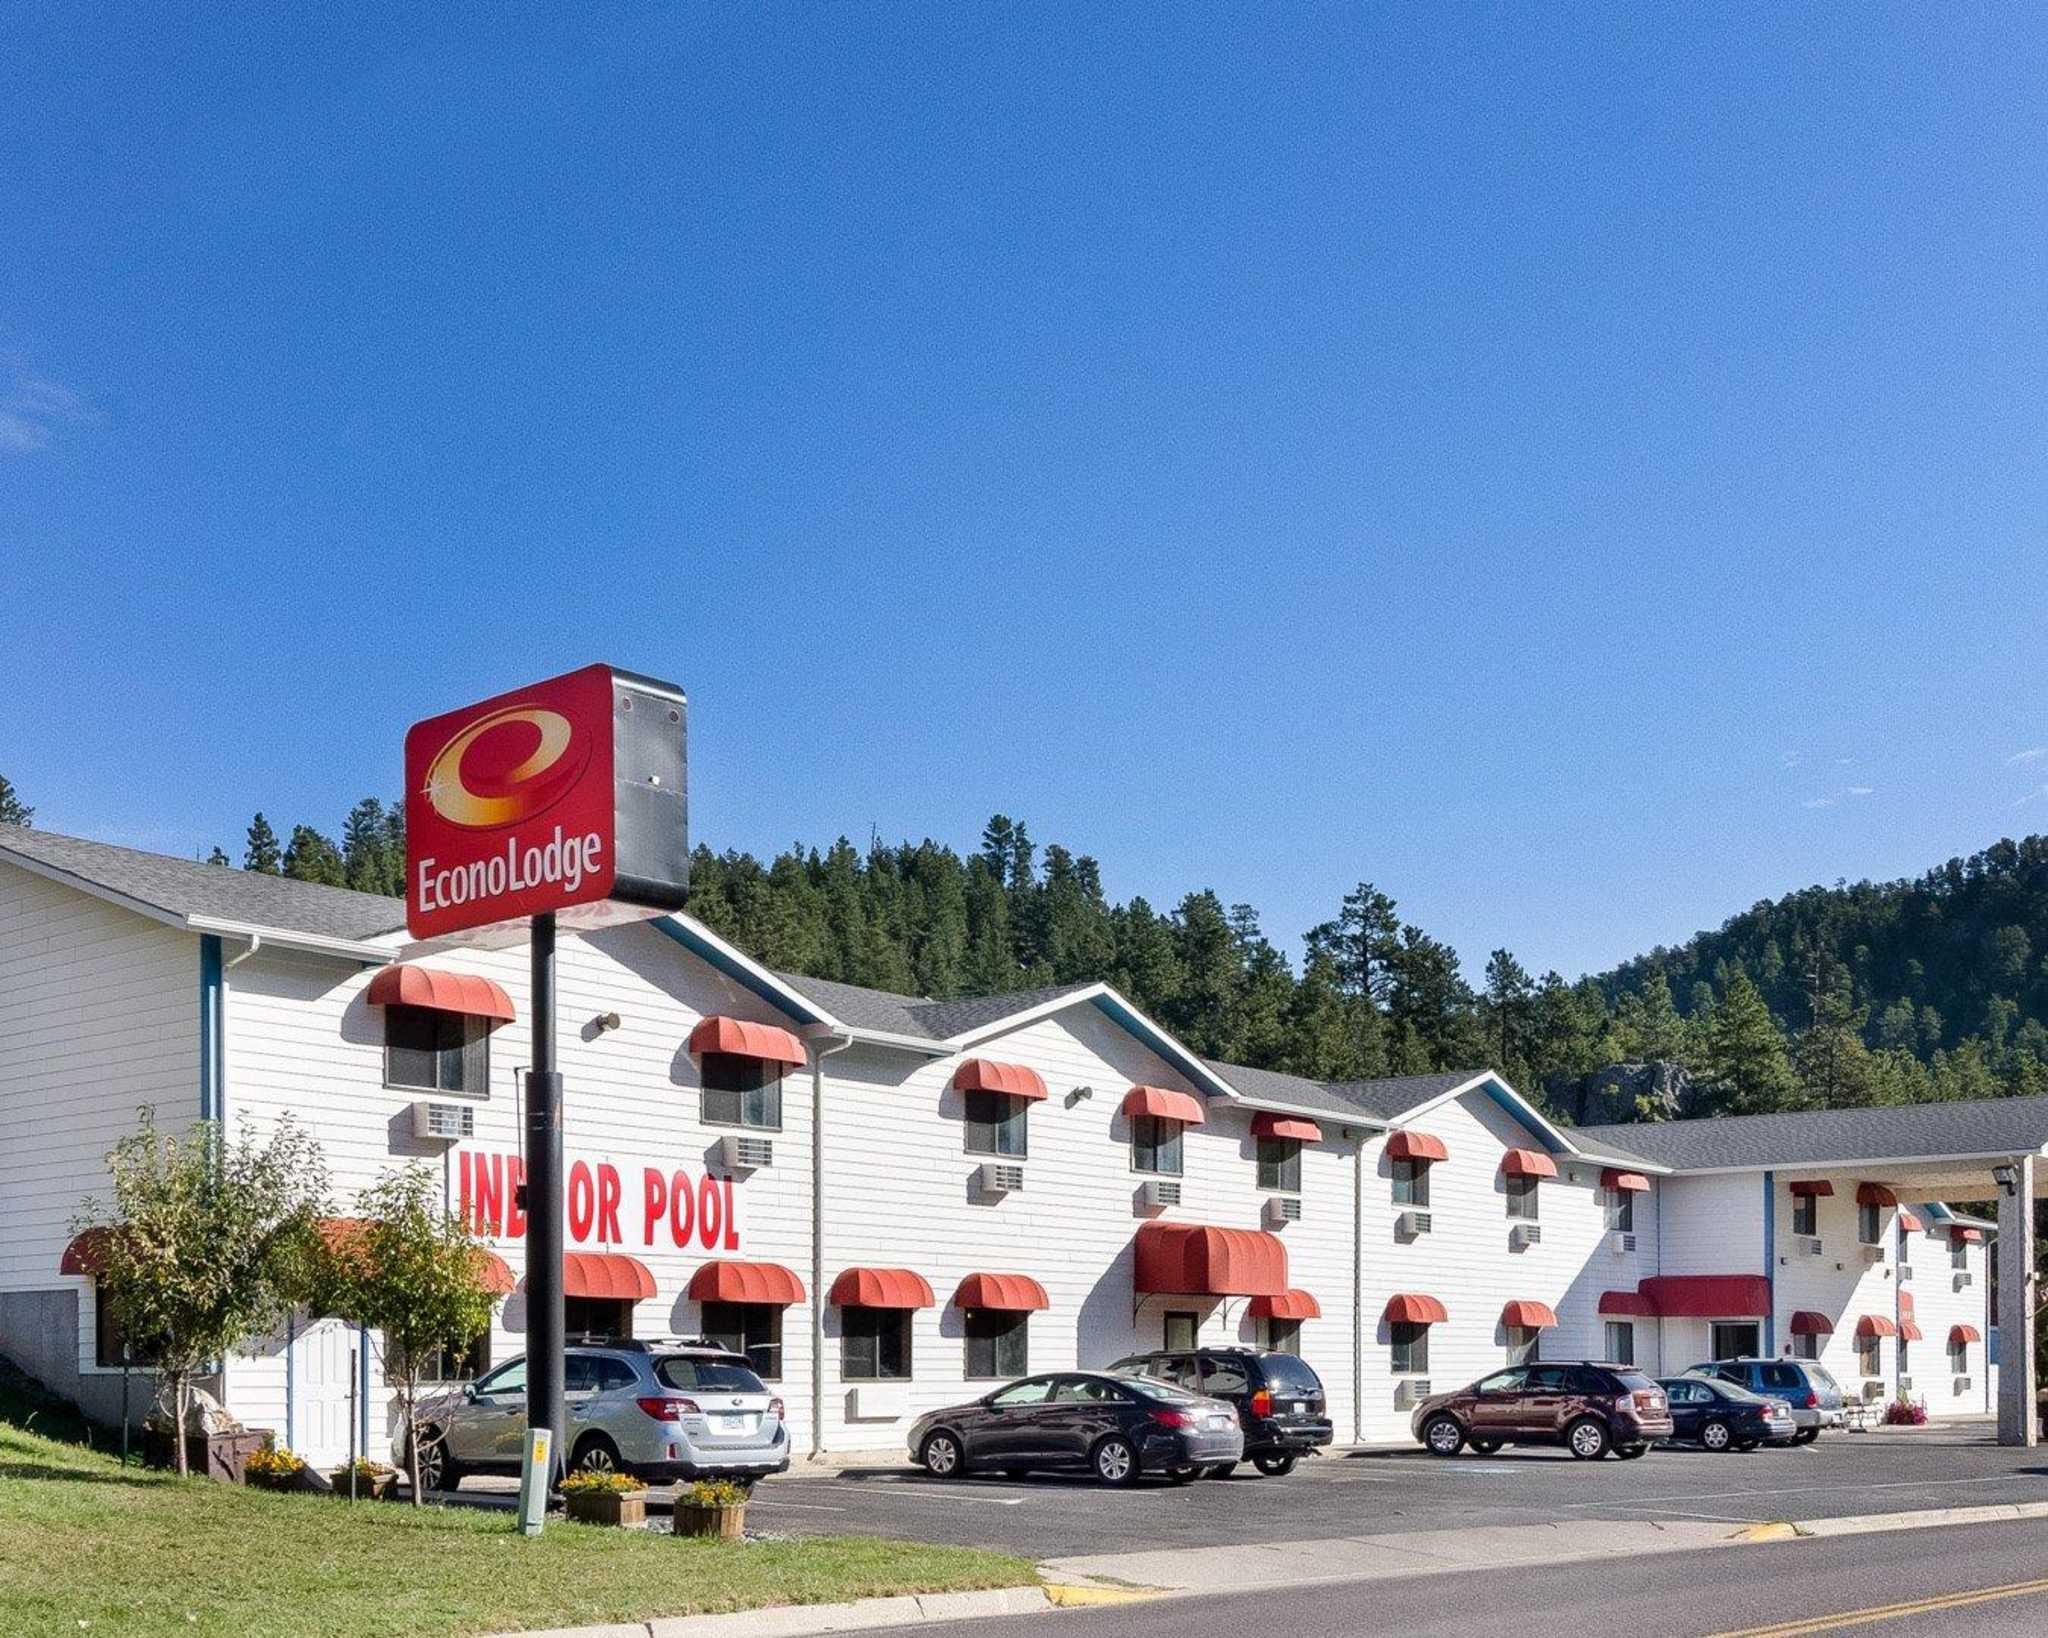 Econo Lodge Near Mt. Rushmore Memorial - Keystone, SD 57751 - (605)666-4417 | ShowMeLocal.com